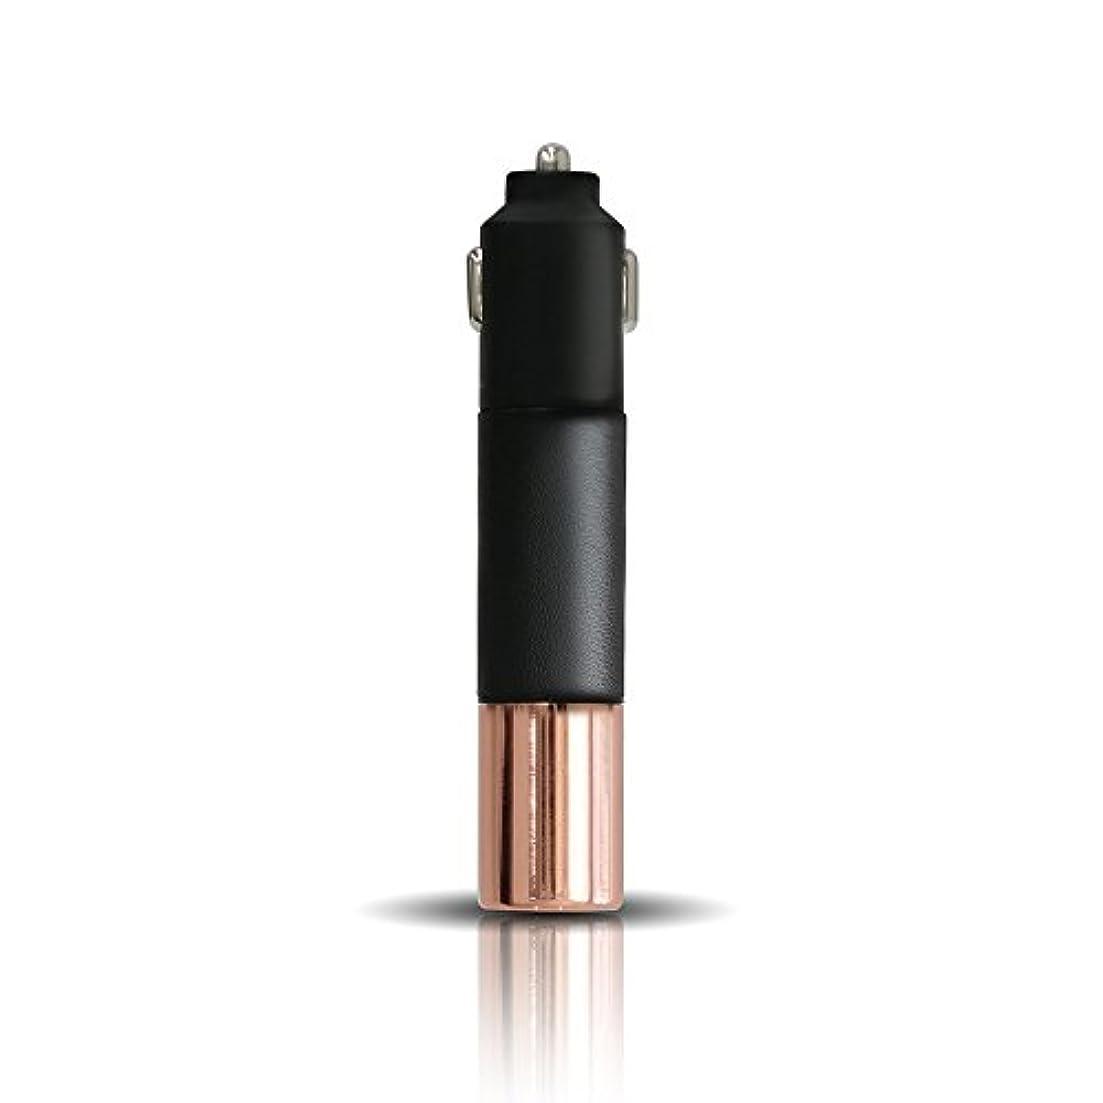 ではごきげんようカルシウムチップPRISMATE(プリズメイト) Driving Aroma Diffuser Leather and Metal PR-AD02C (BK(ブラック))